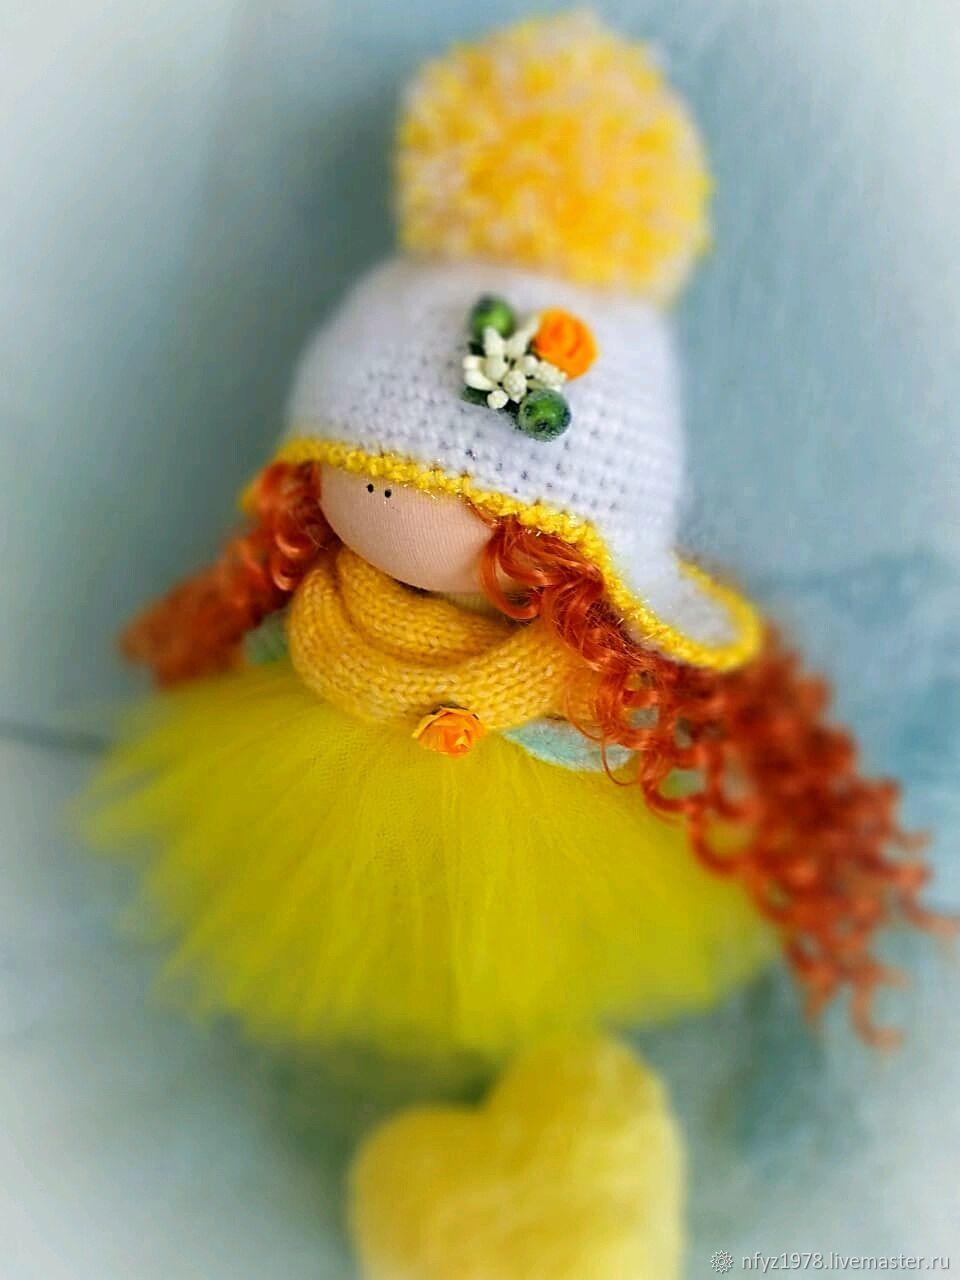 Интерьерная кукла ручной работы. Кукла текстильная, Тыквоголовка, Рязань,  Фото №1